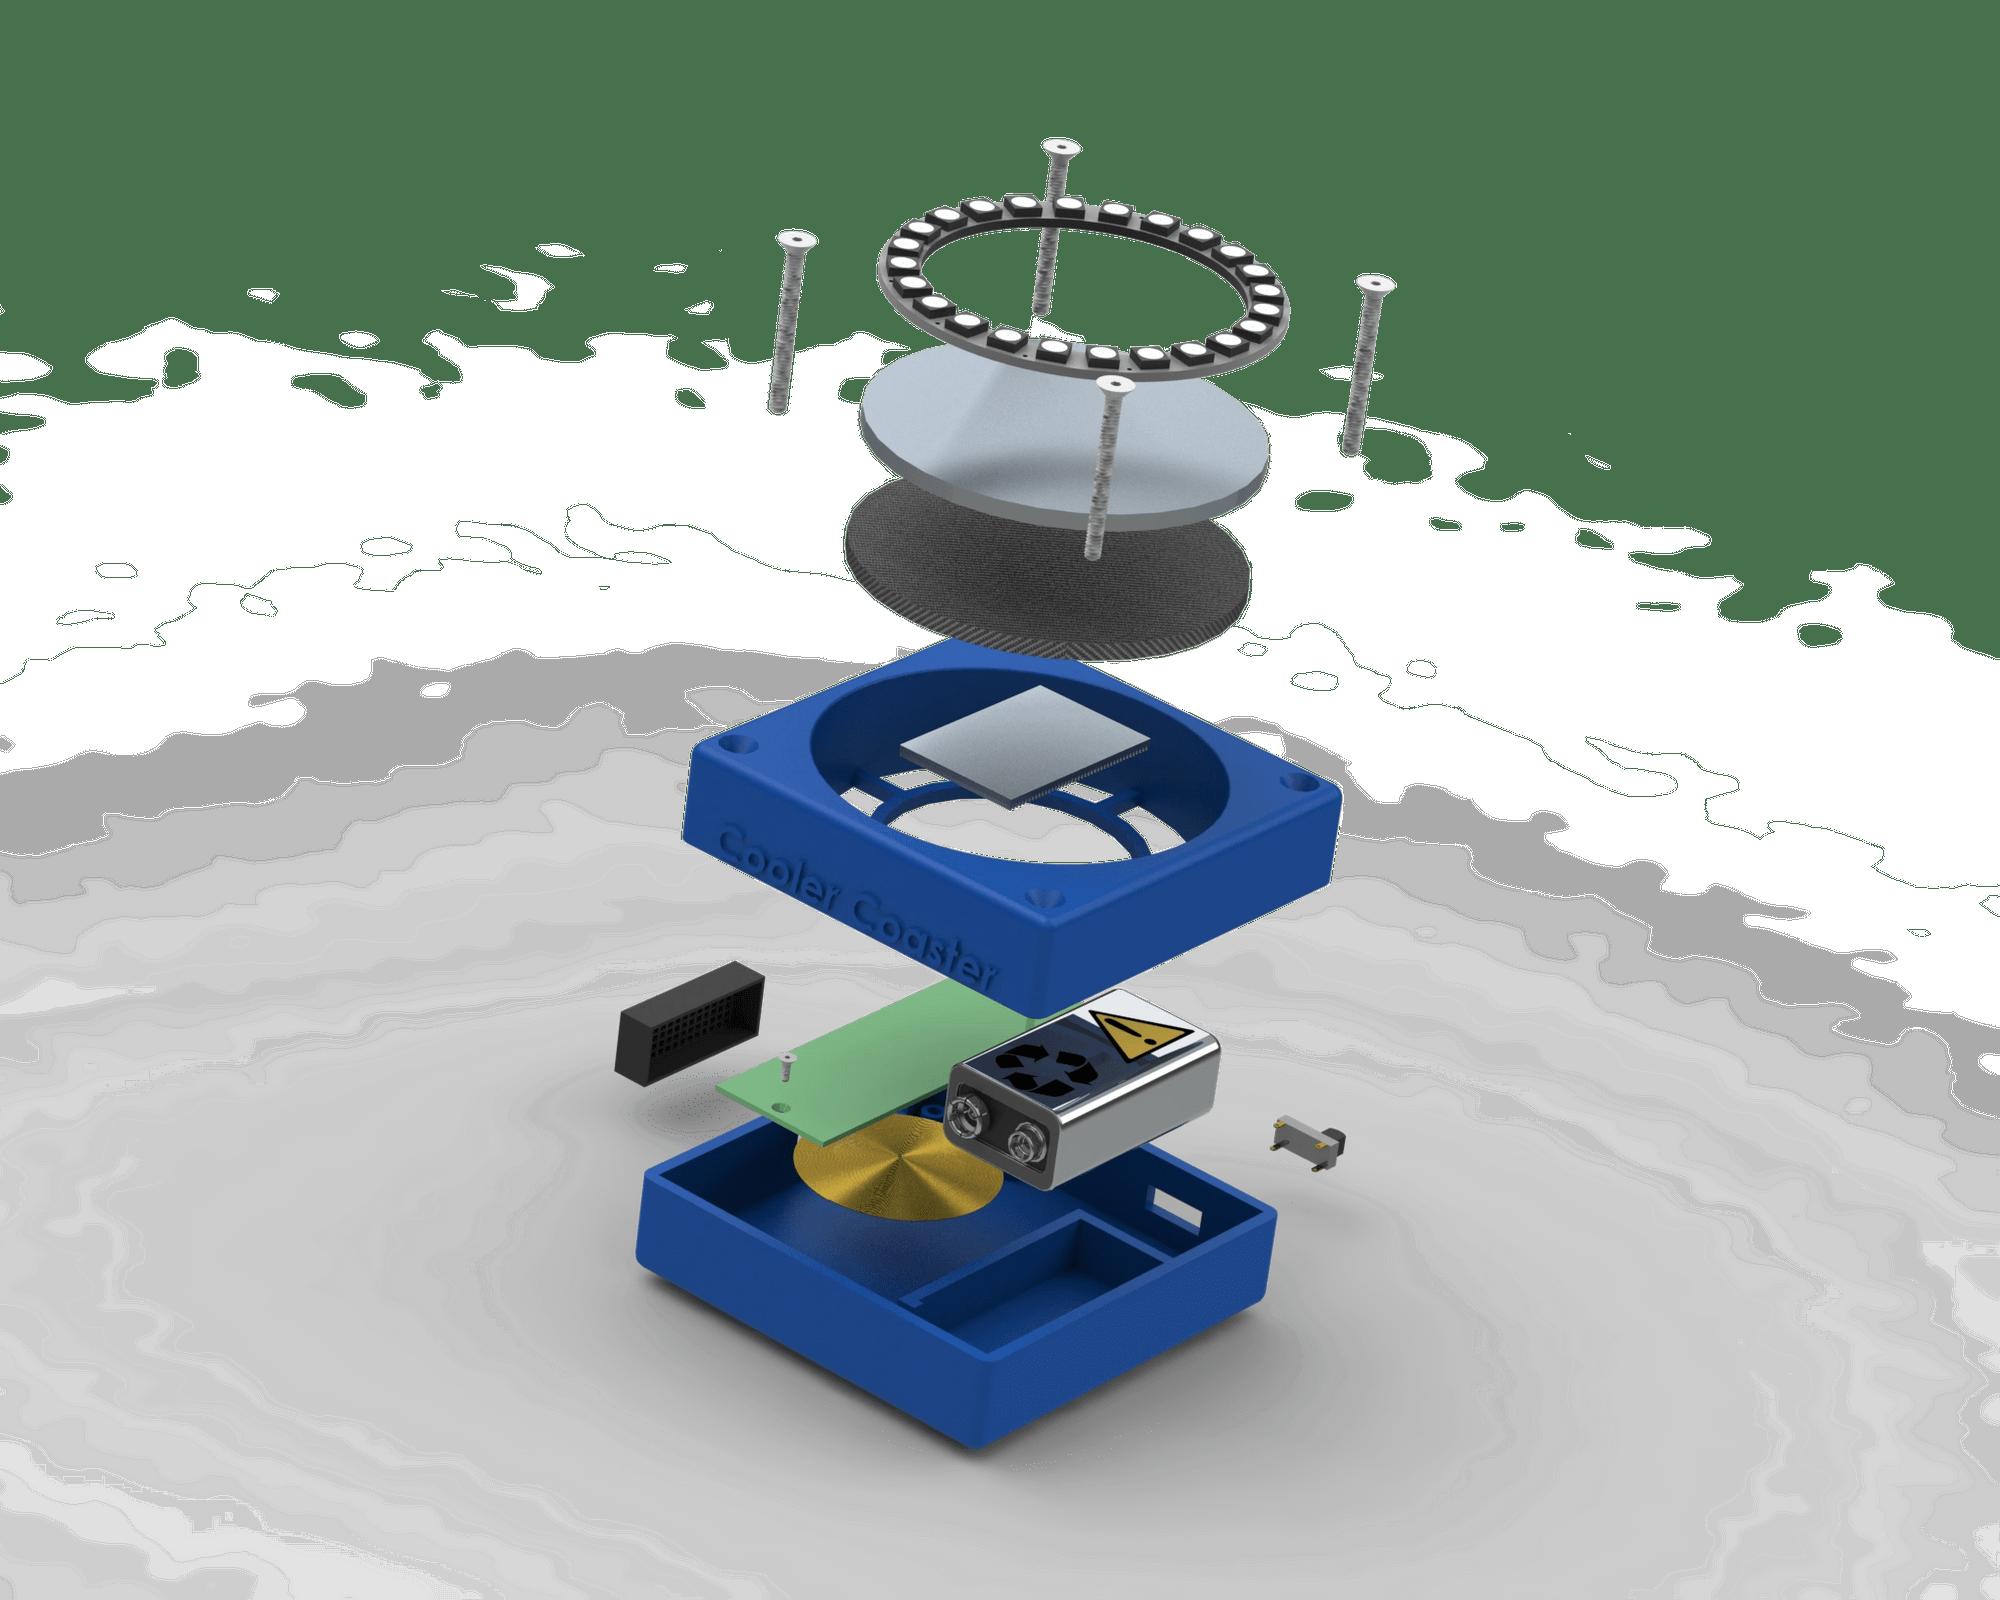 Beverage Cooling Coaster - Designed and Rendered